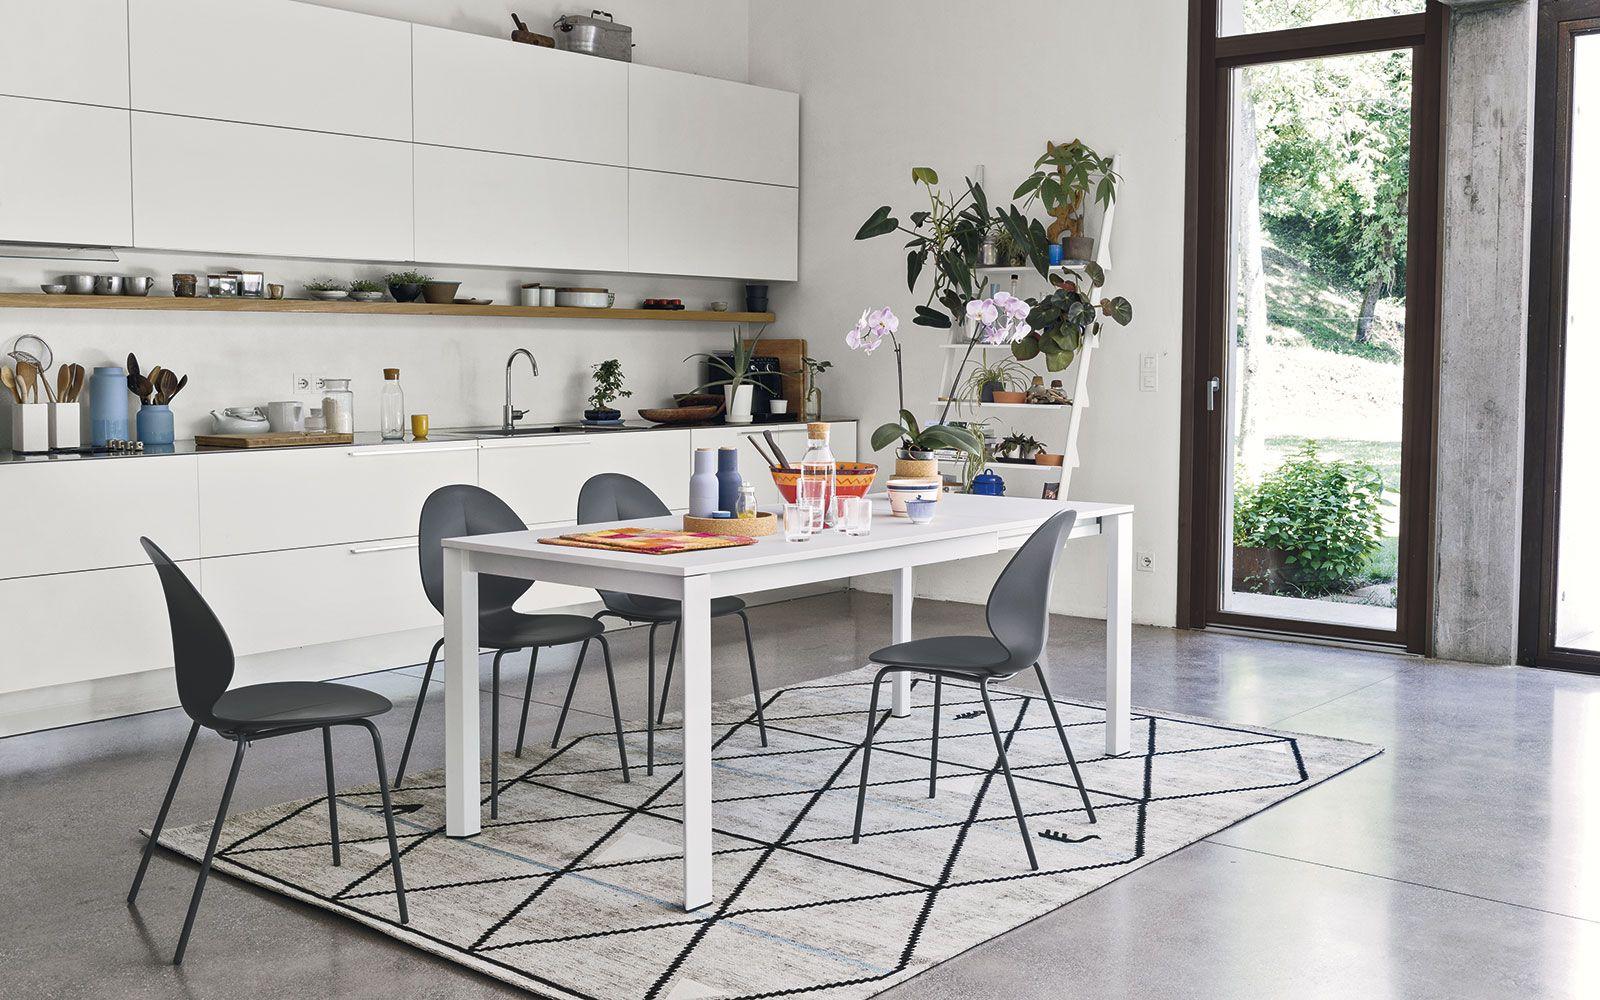 Tavolo Duca Calligaris bianco | el salón | Pinterest | Tavolo, Sedie ...